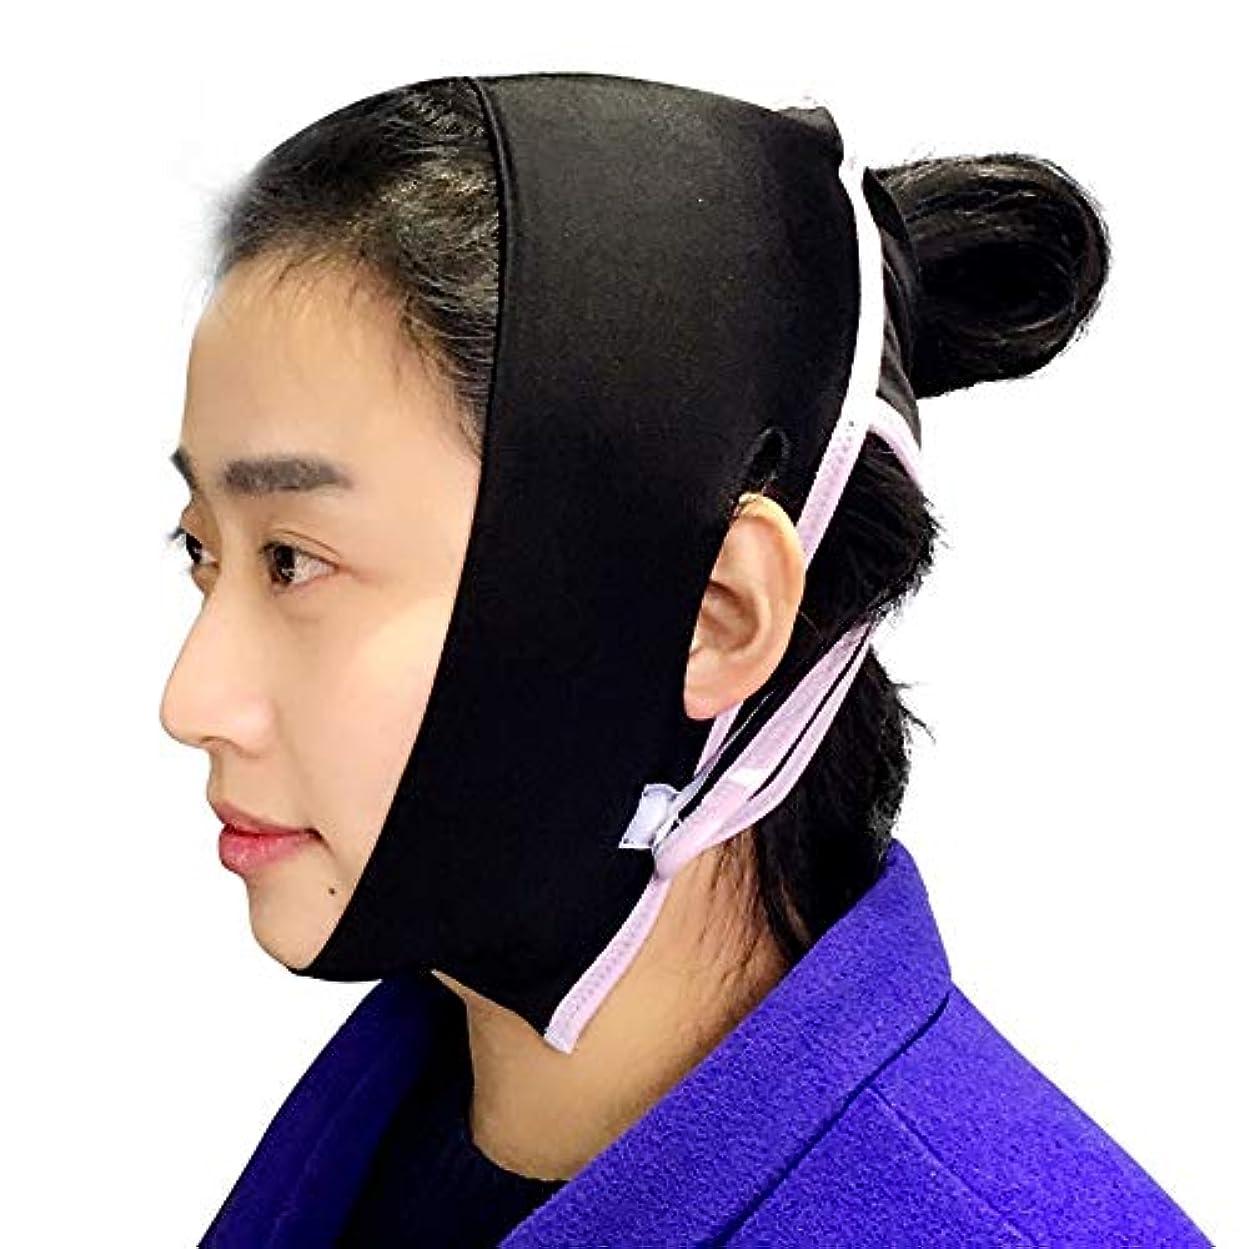 良い忠実罰LJK フェイスリフトマスク、小さなVフェイス睡眠包帯マスクシンダブルチンリフト引き締め肌